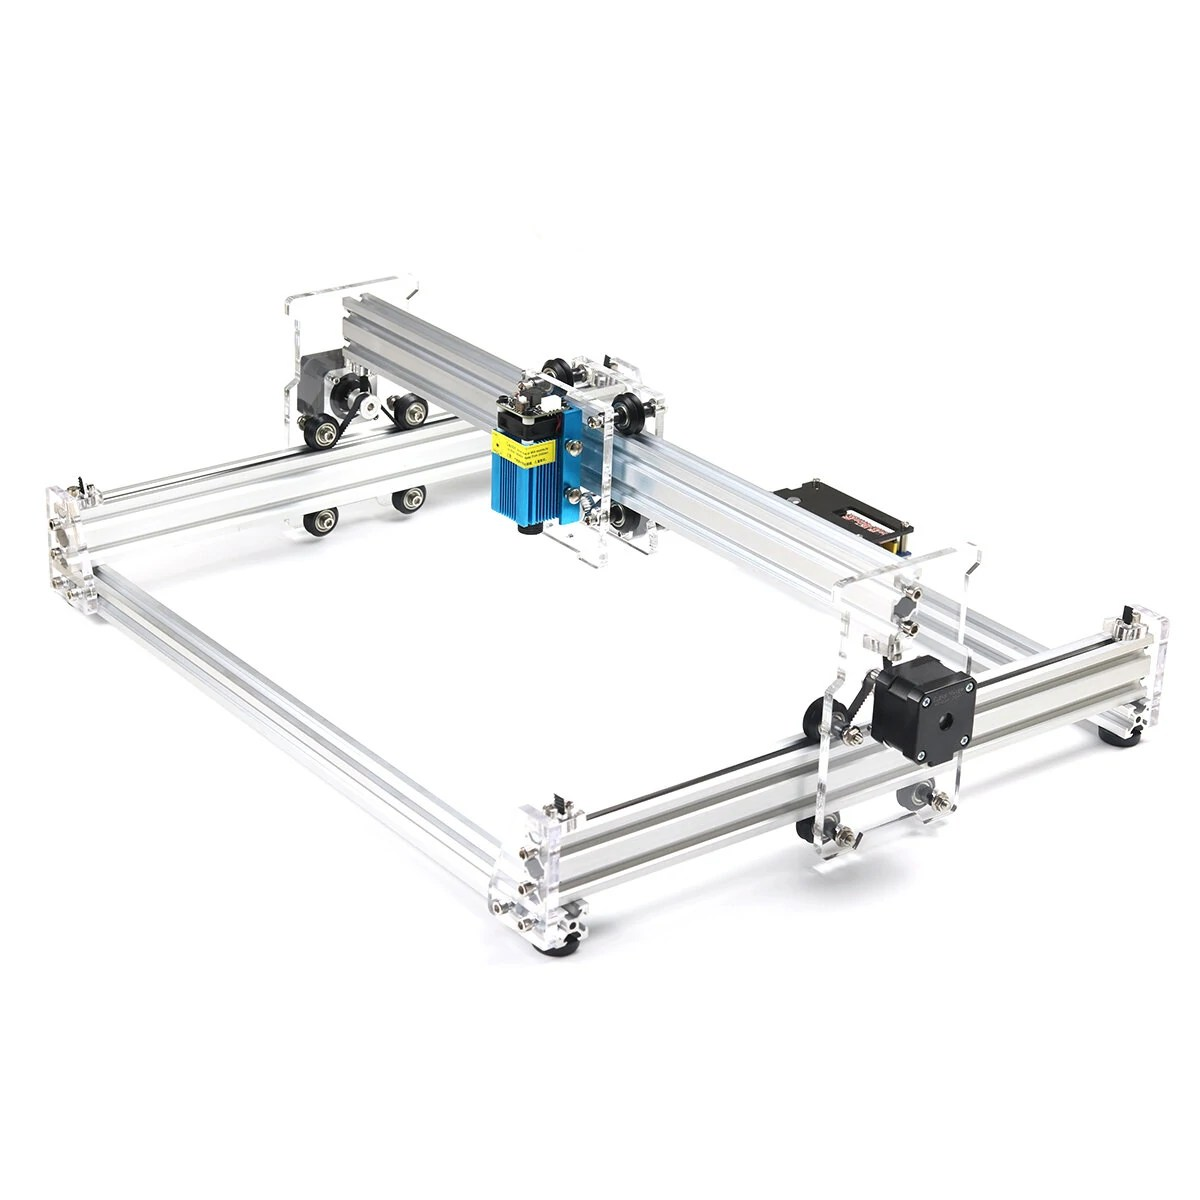 hight resolution of eleksmaker elekslaser a3 pro 2500mw laser engraving machine cnc laser printer sale banggood mobile